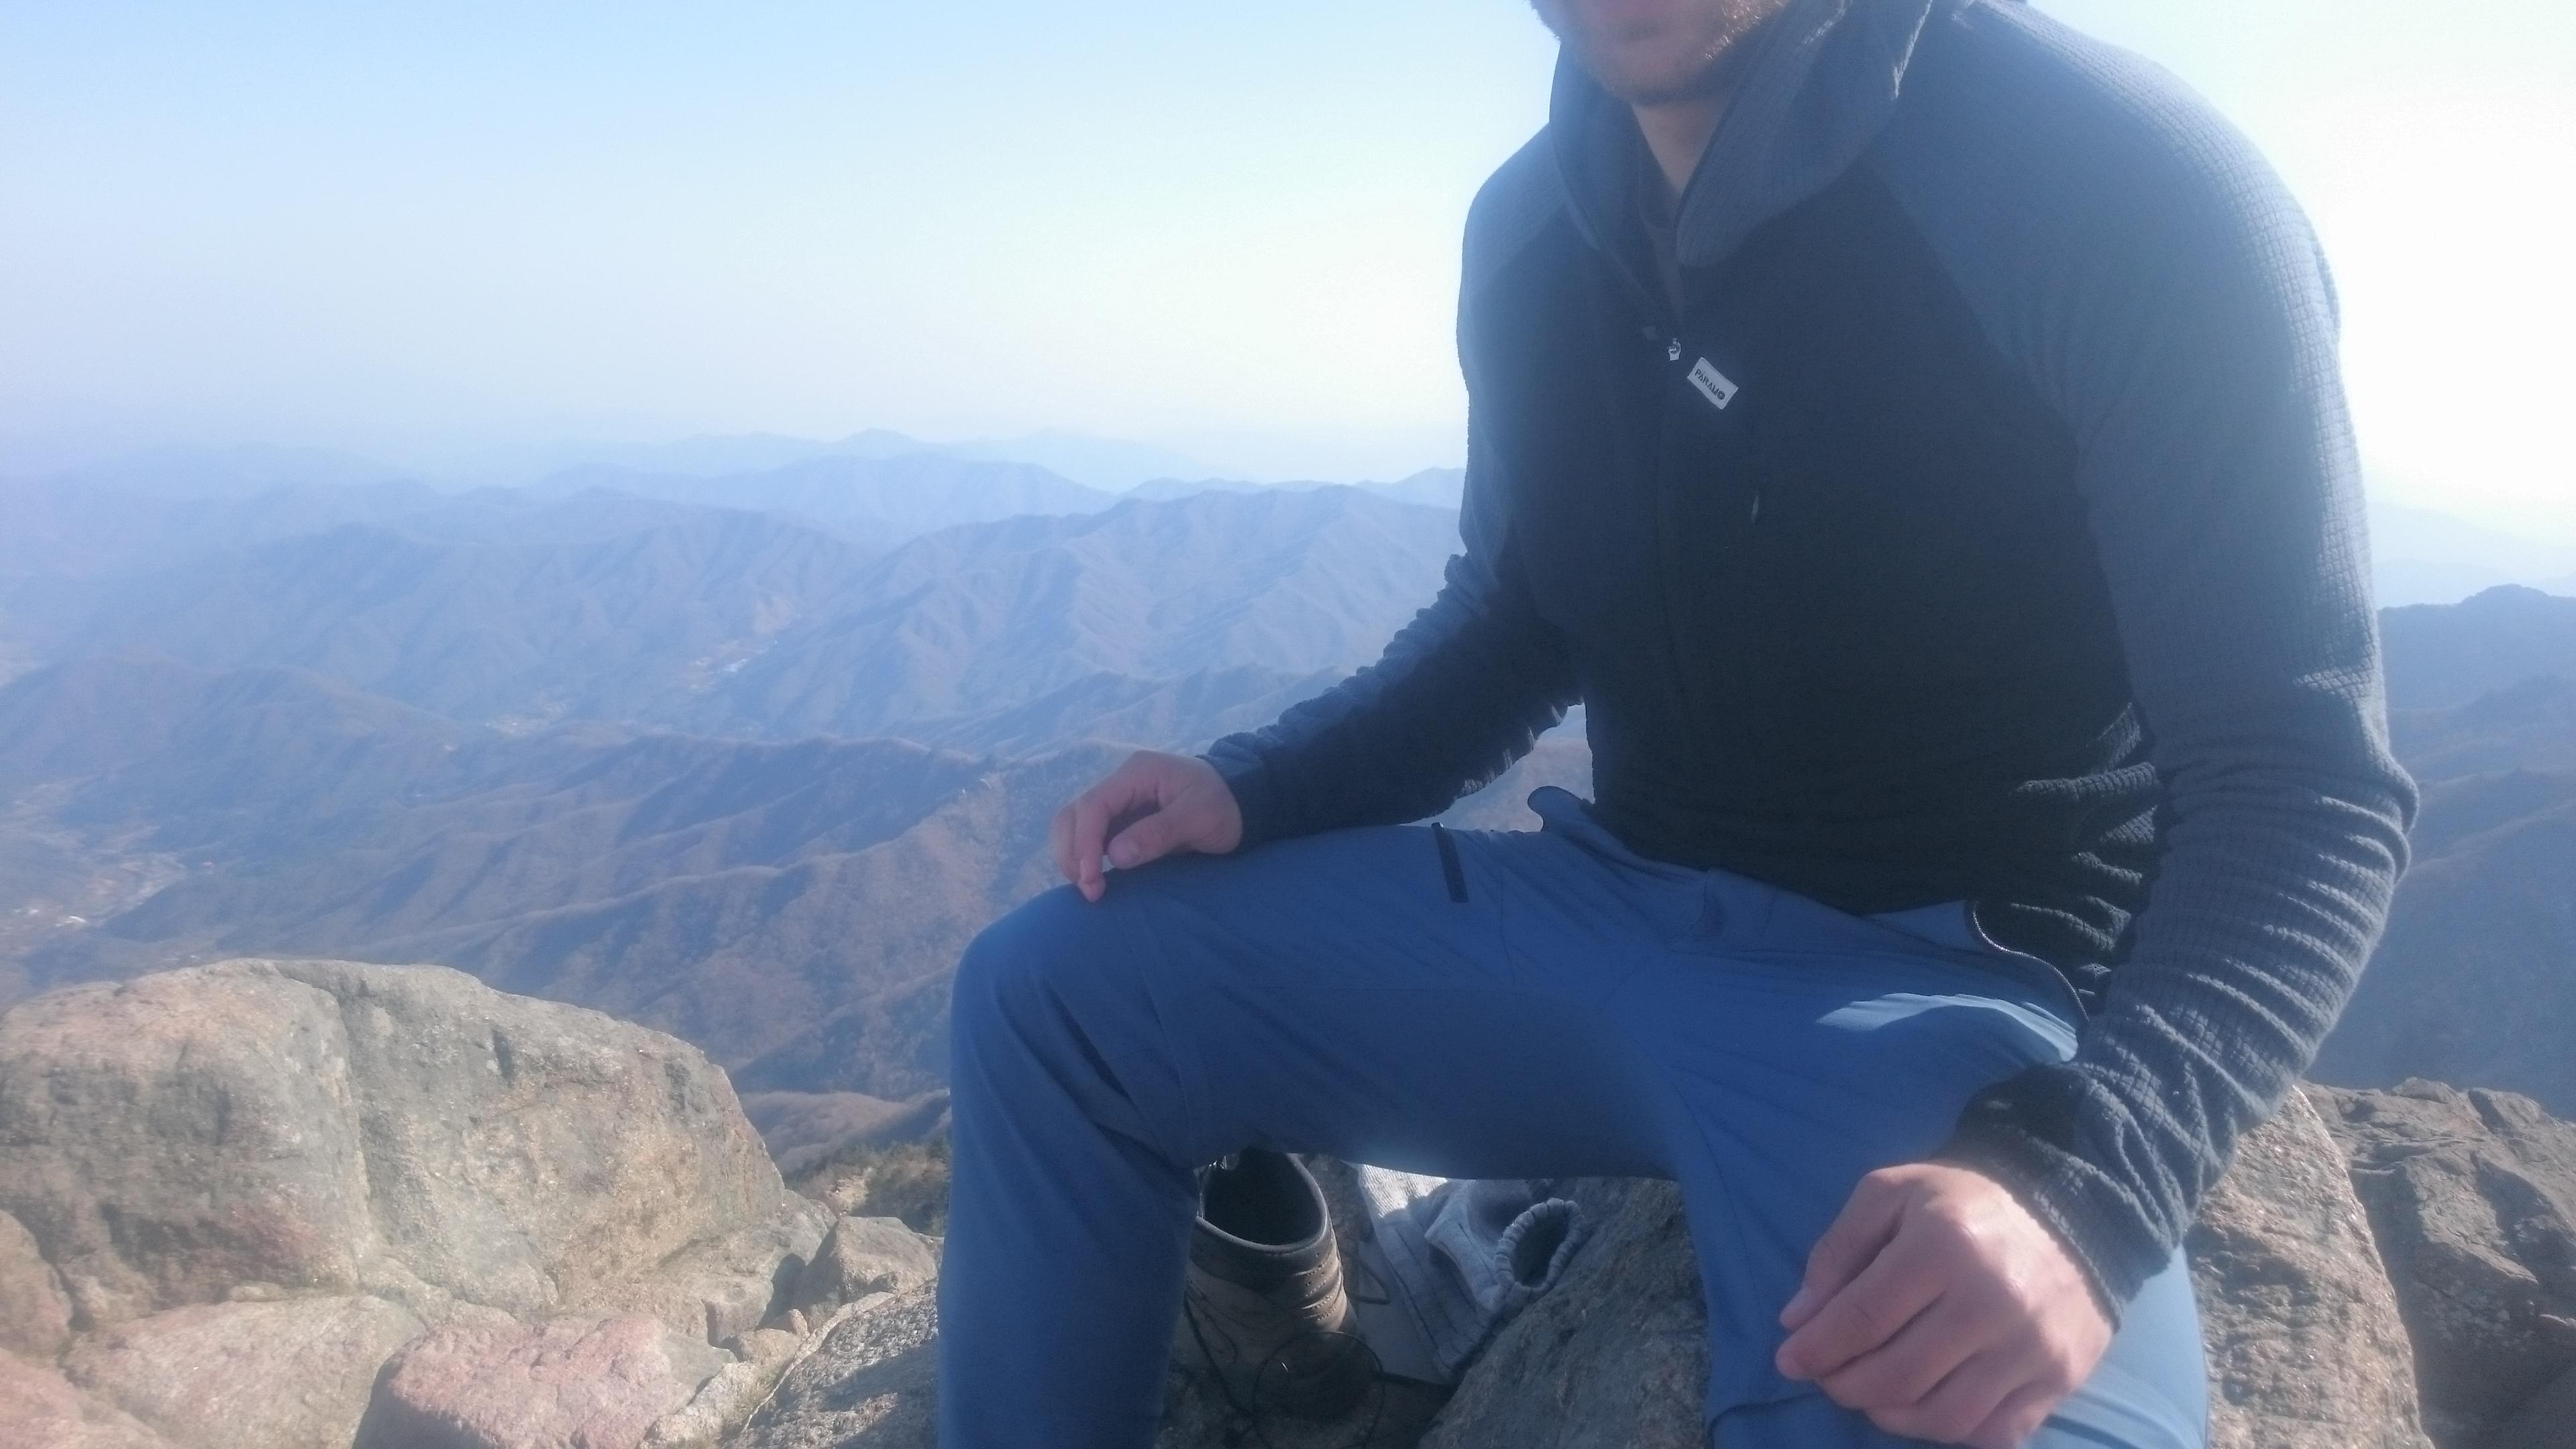 Paramo Technic Grid Hoodie - Jirisan Nationalpark (Südkorea)